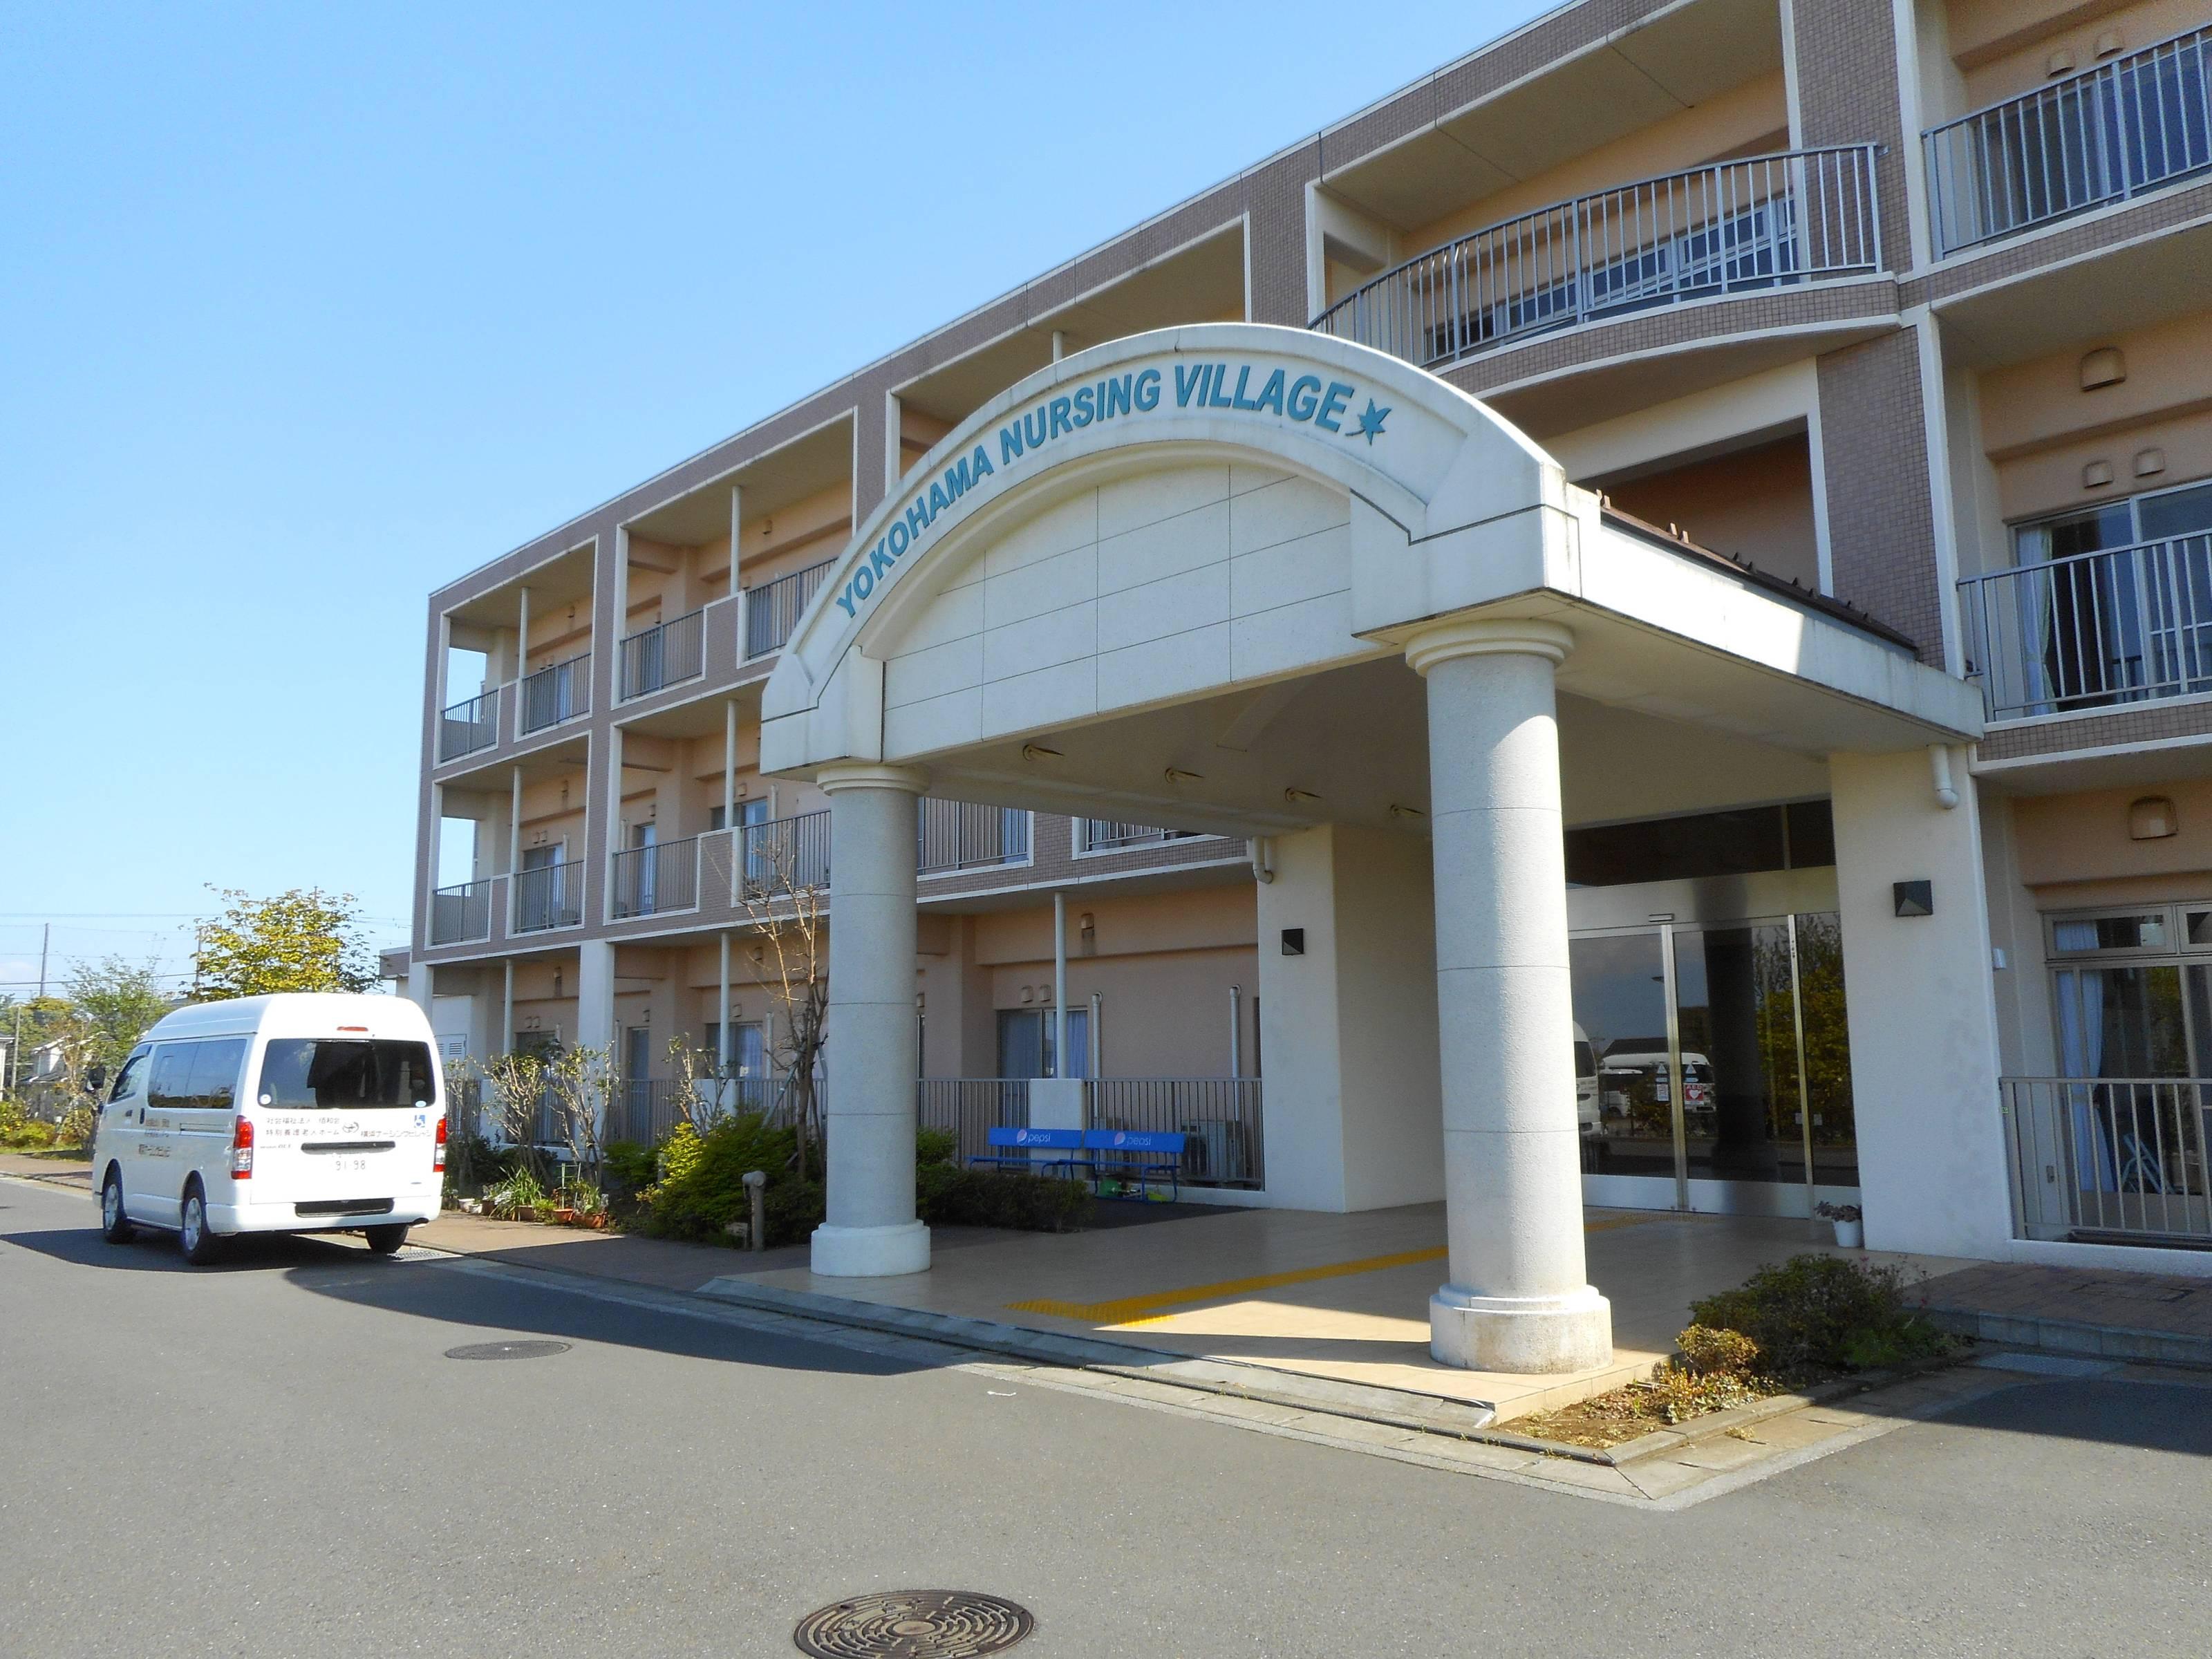 特別養護老人ホーム 横浜ナーシングビレッジ